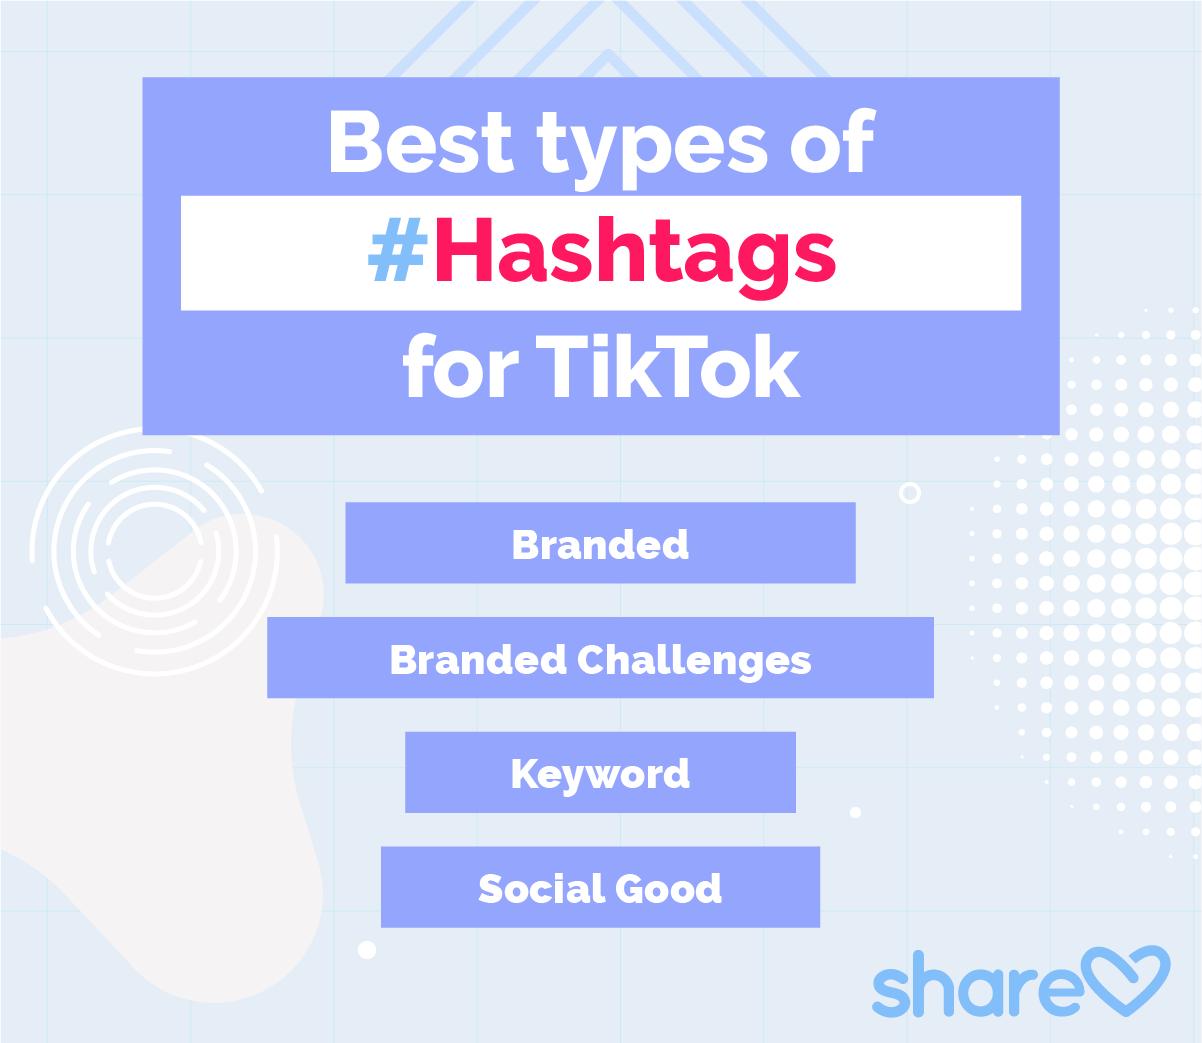 Best types of hashtags for TikTok